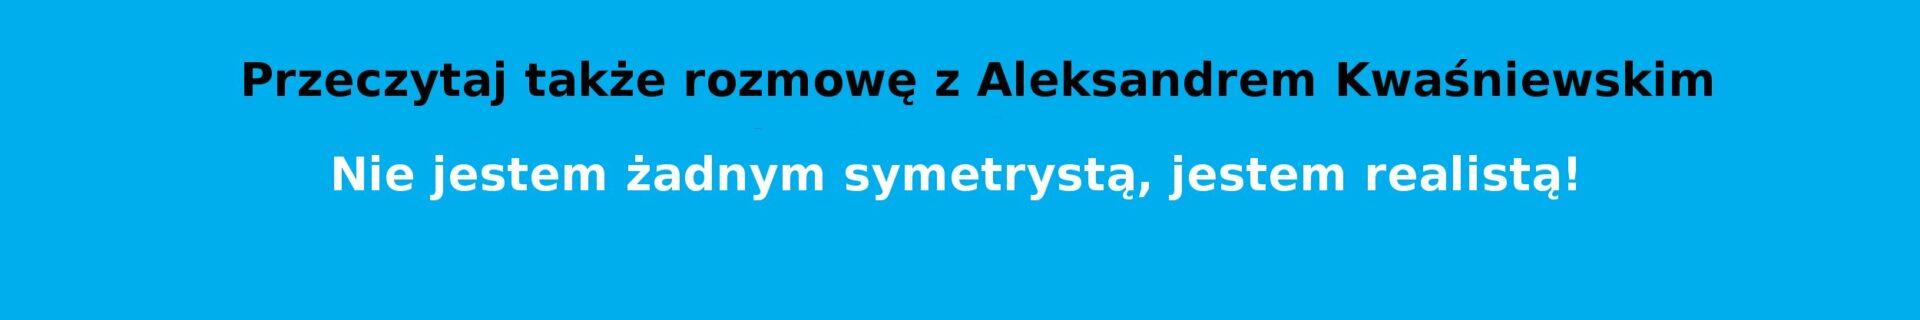 Kwaśniewski